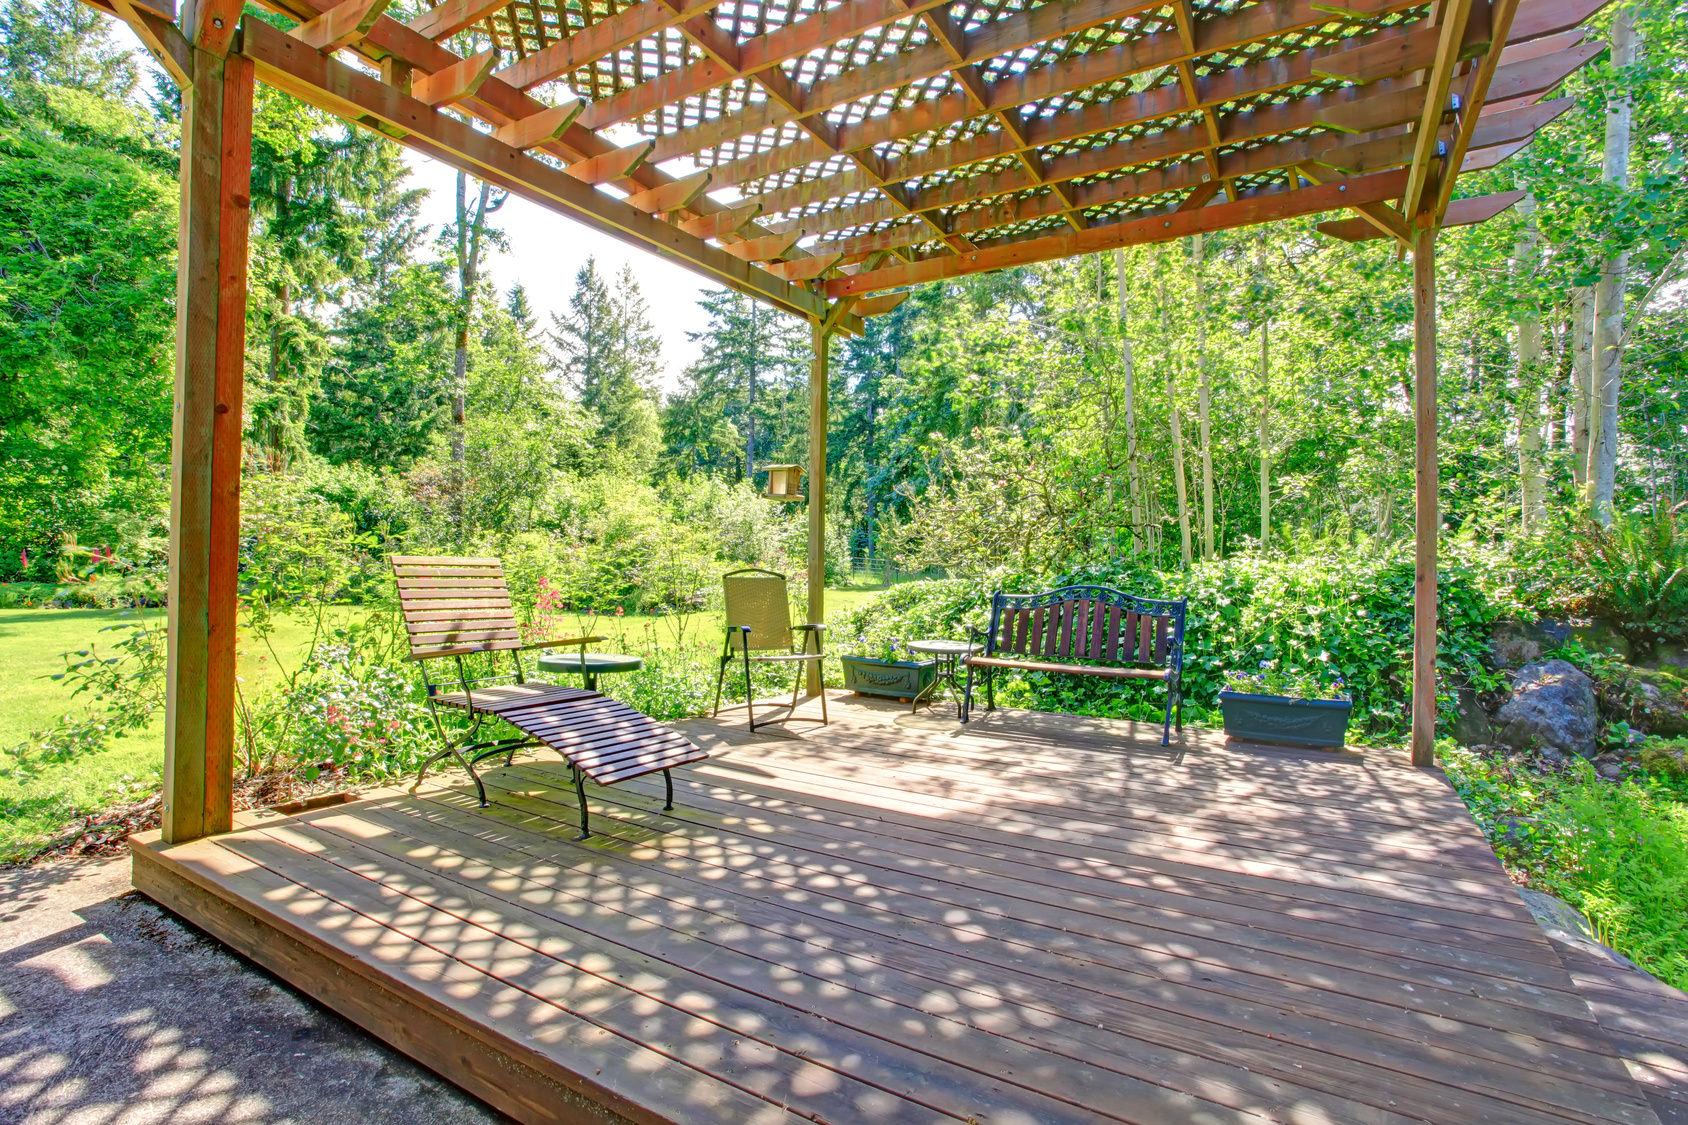 Beneficios de comprar casa de madera - Tocar madera casas ...